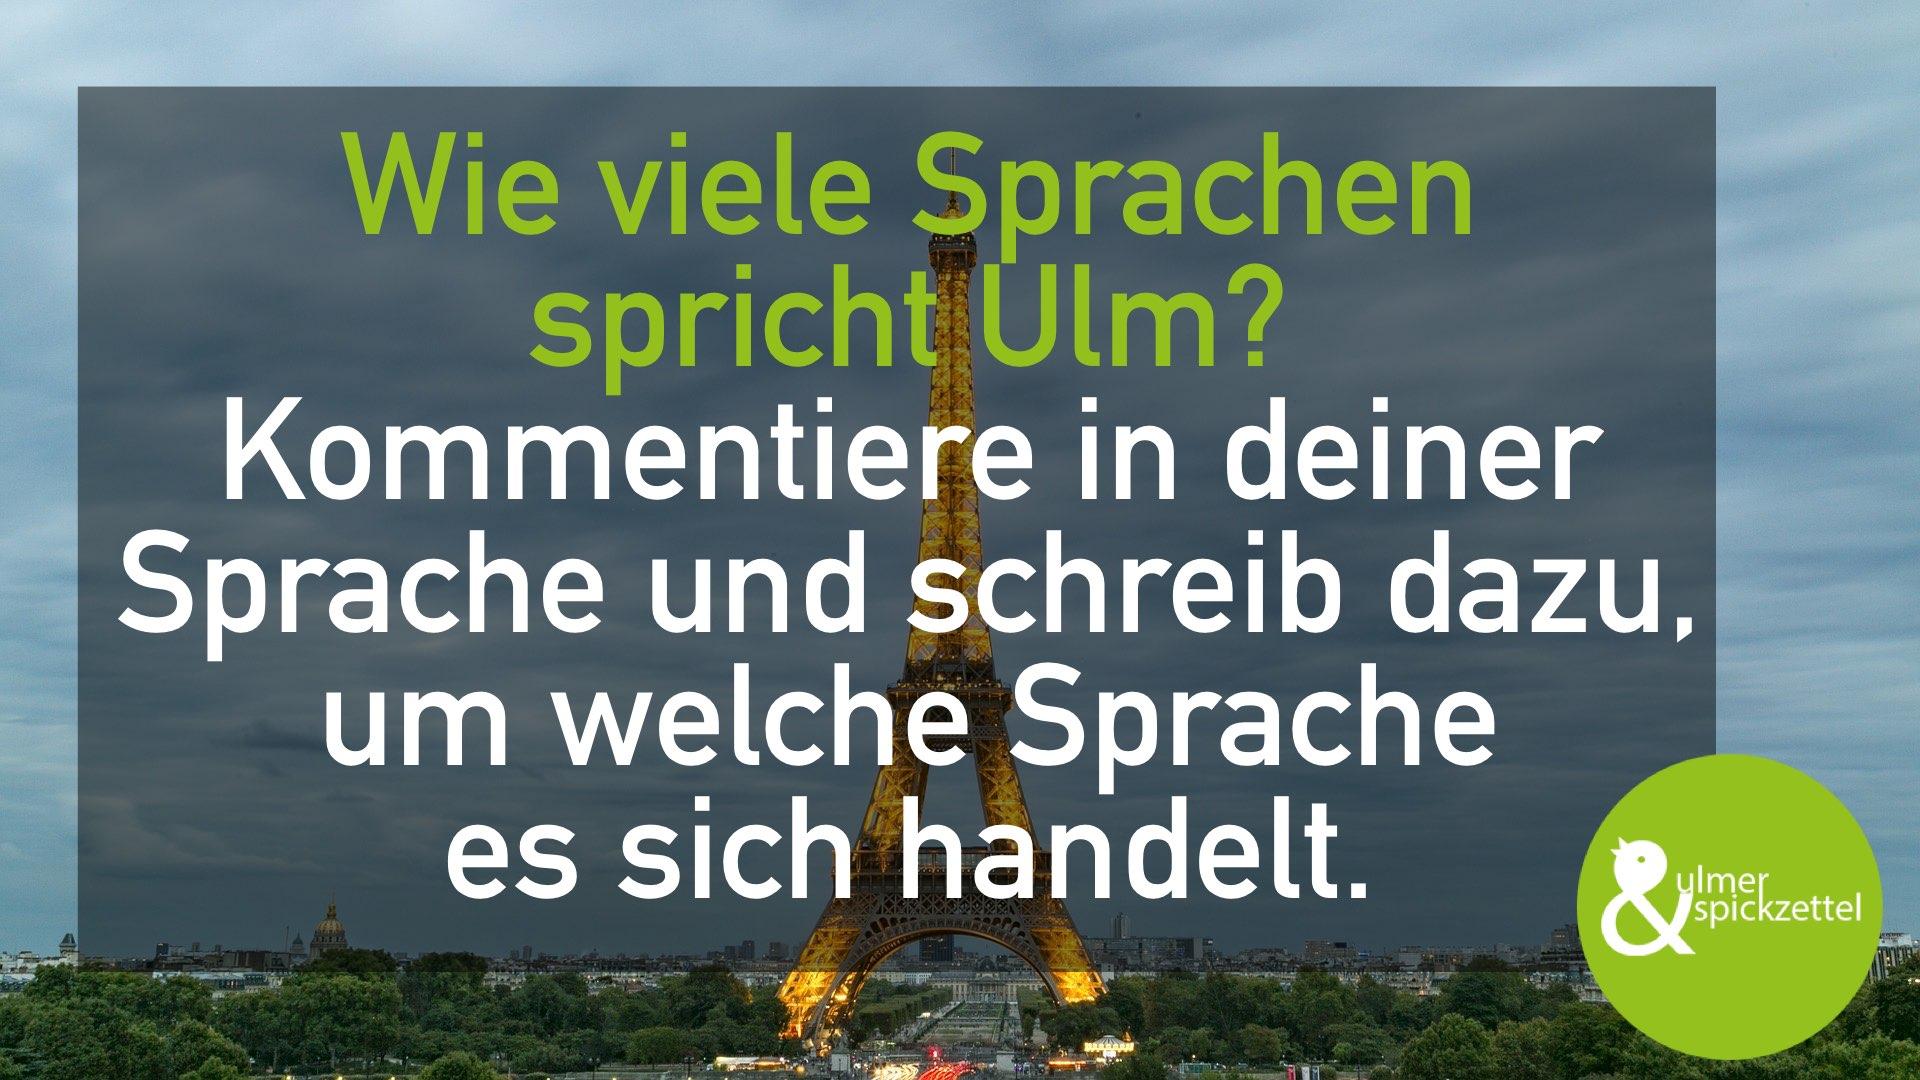 Wie viele Sprachen spricht Ulm?